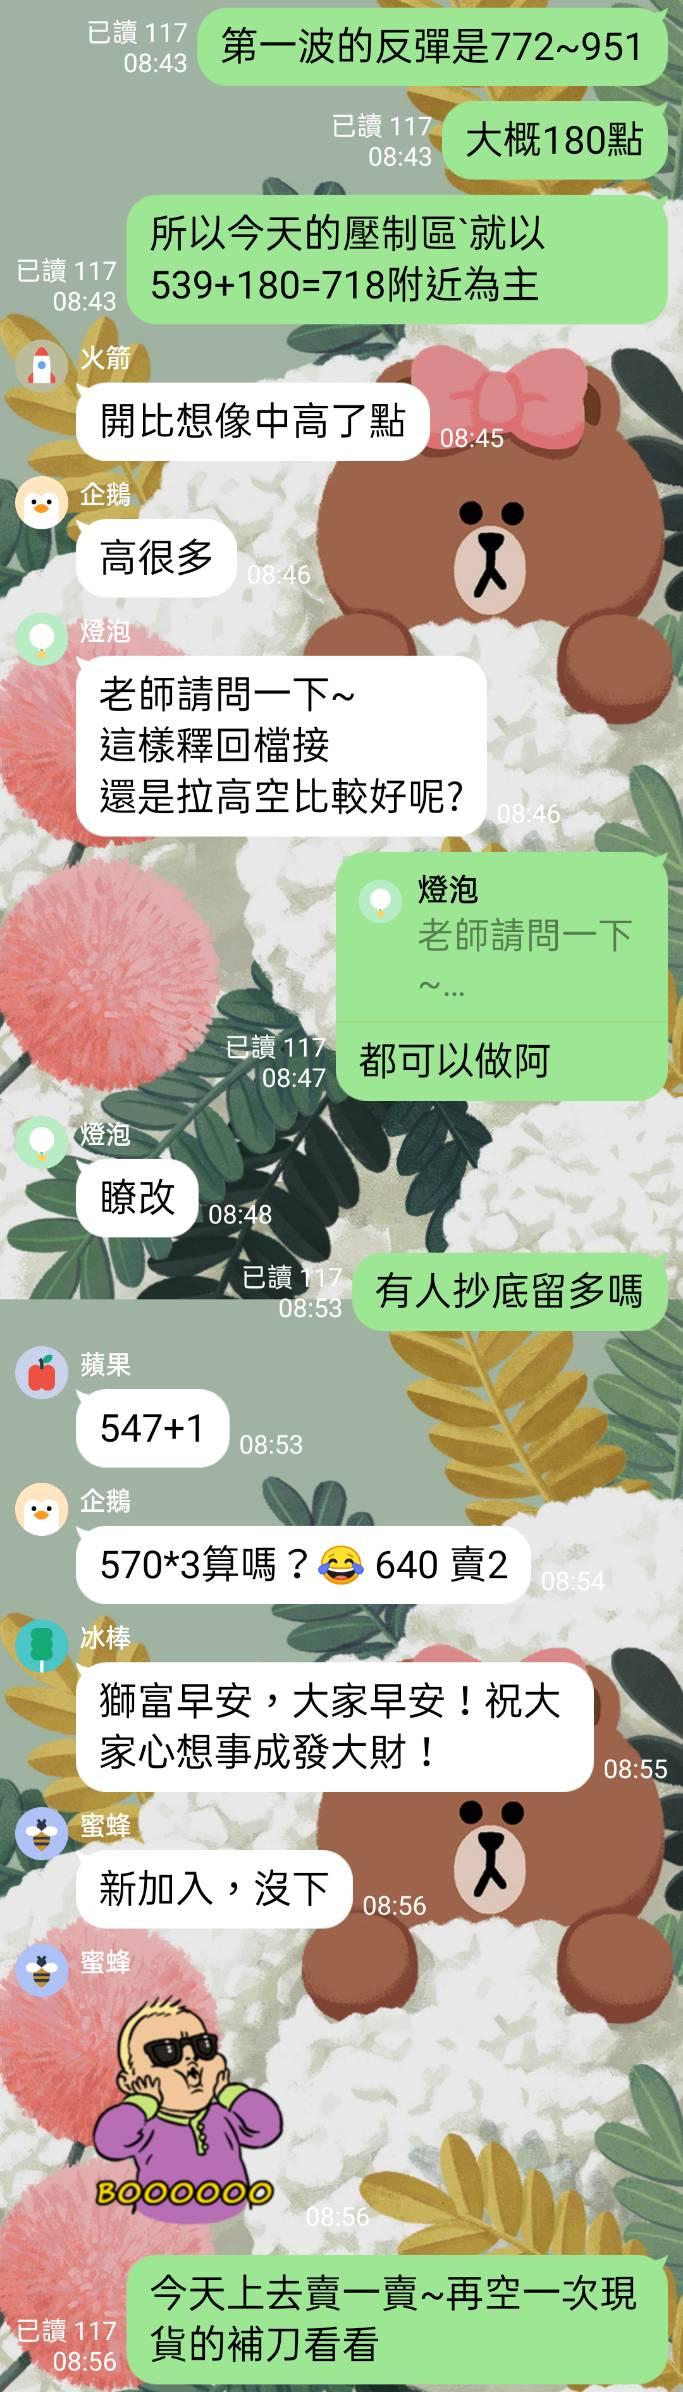 【反市場操作的邏輯~今天空單豐收】_03